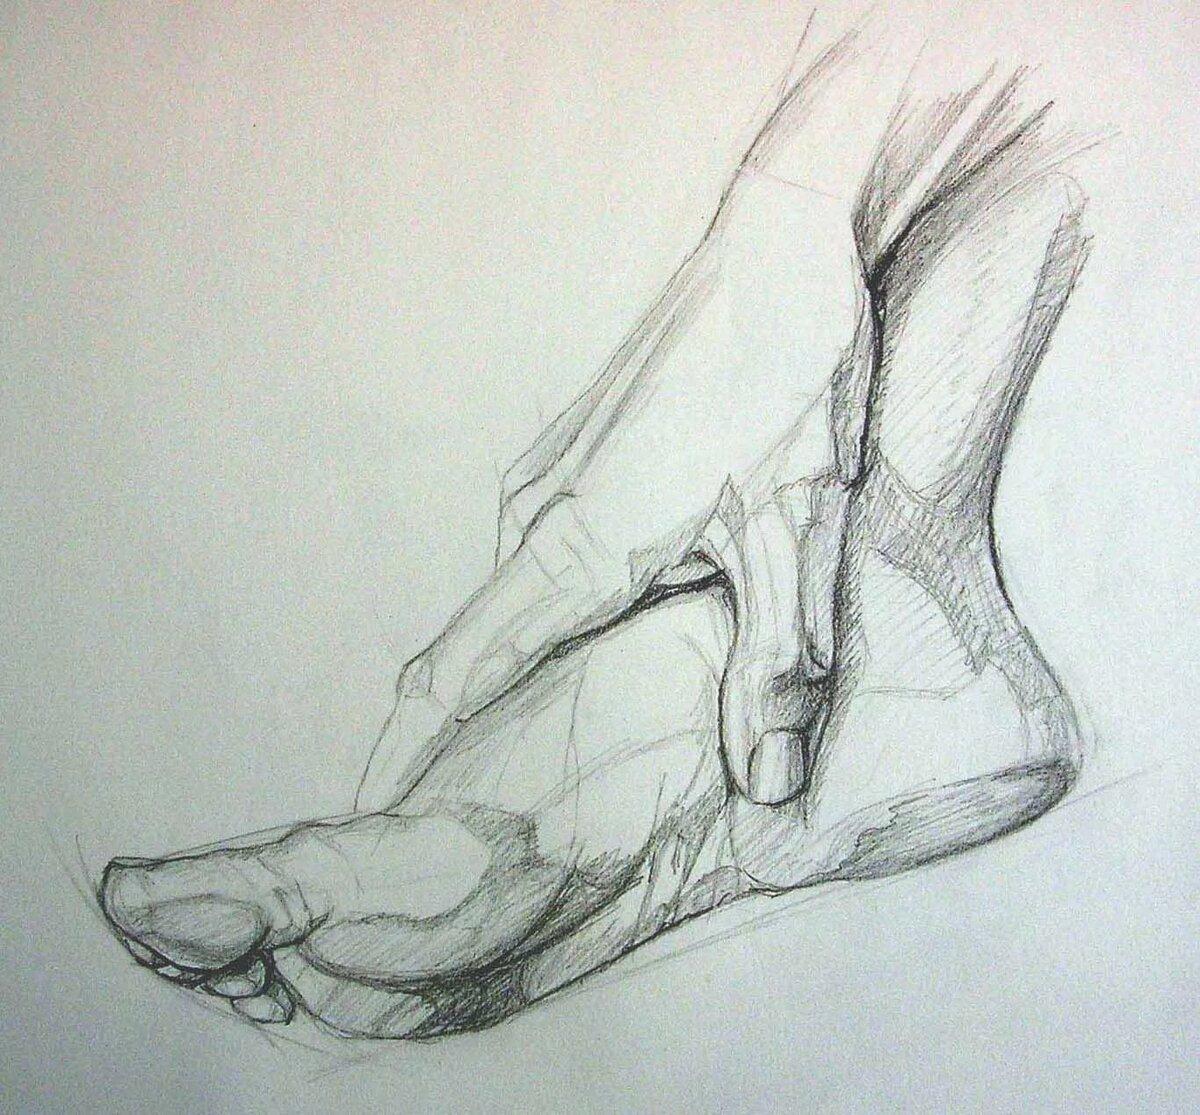 нарисовать картинки ногой историю появления завода